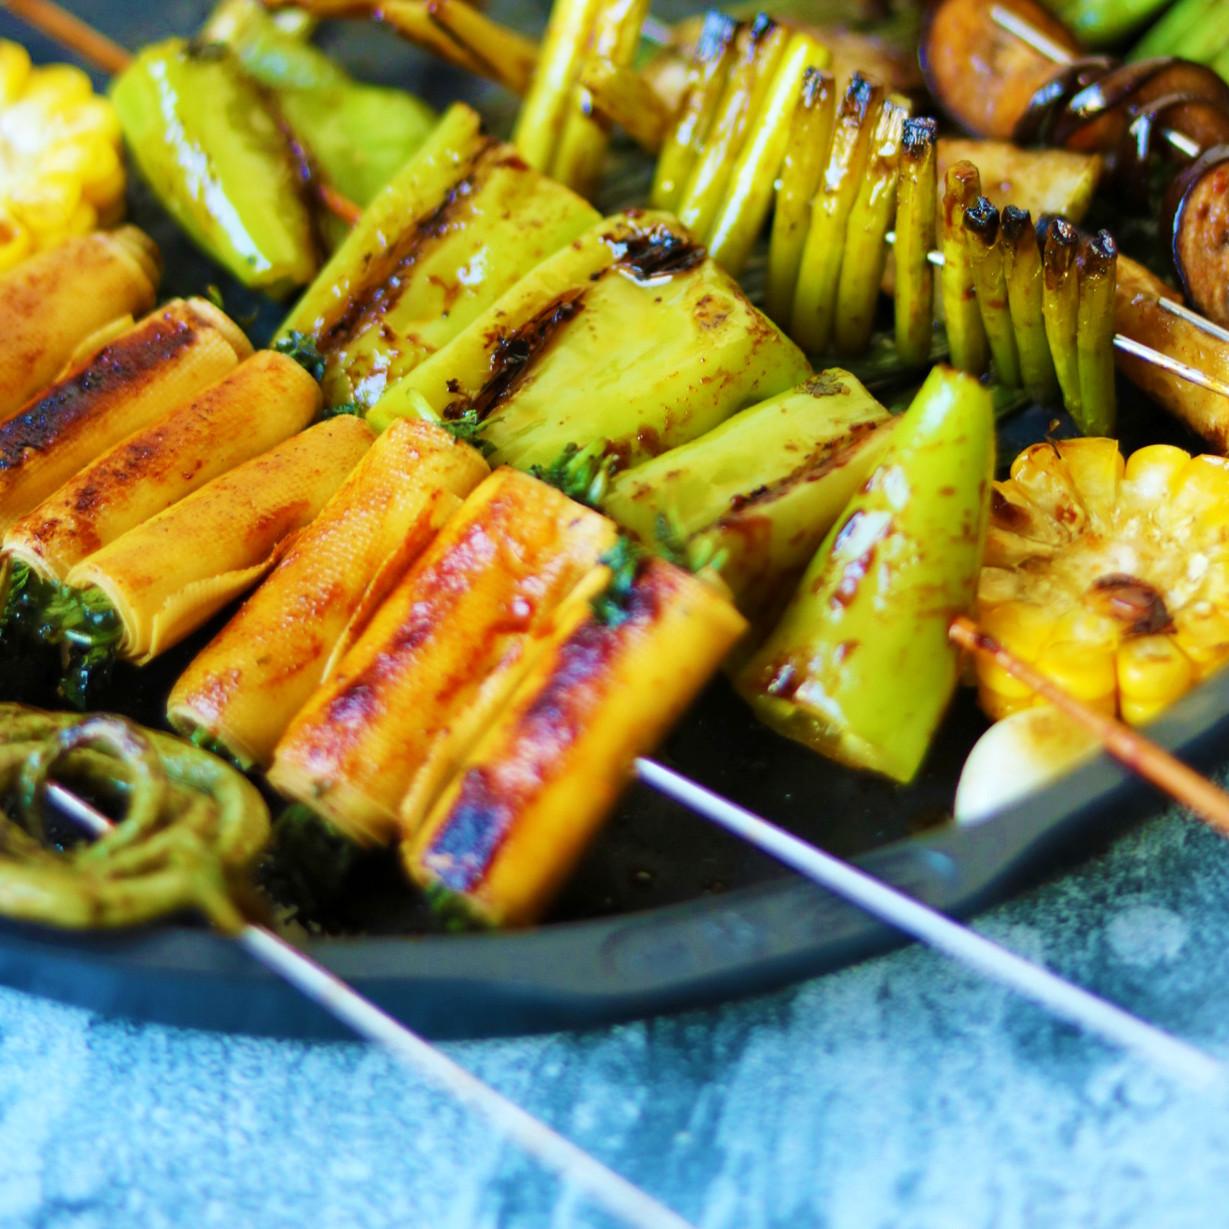 美味|烤蔬菜全家福